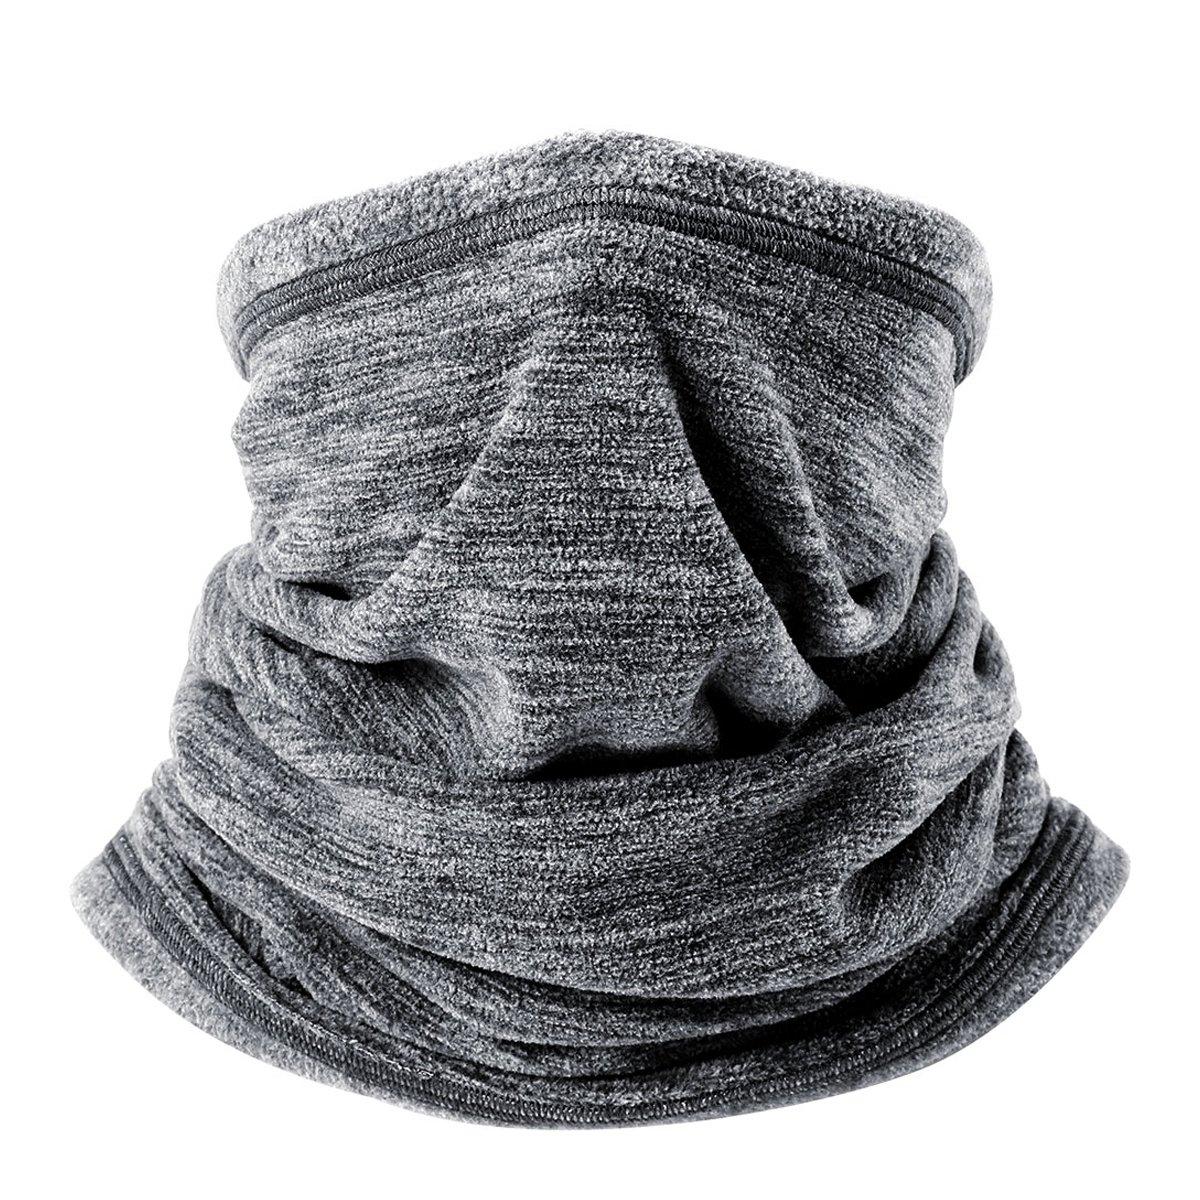 /écharpe de maintien au chaud pour temps les sports d/'hiver Wtactful Lot de 2 caches-cou en polaire